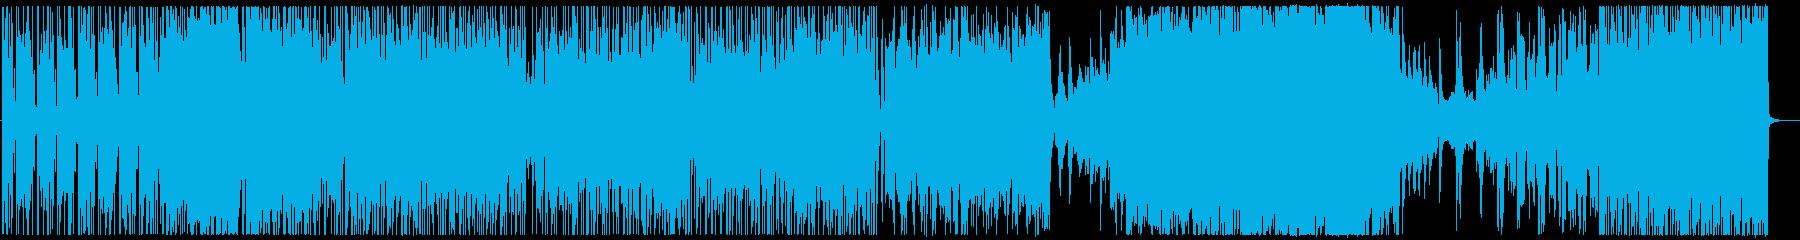 ピアノソナタのfusionアレンジの再生済みの波形